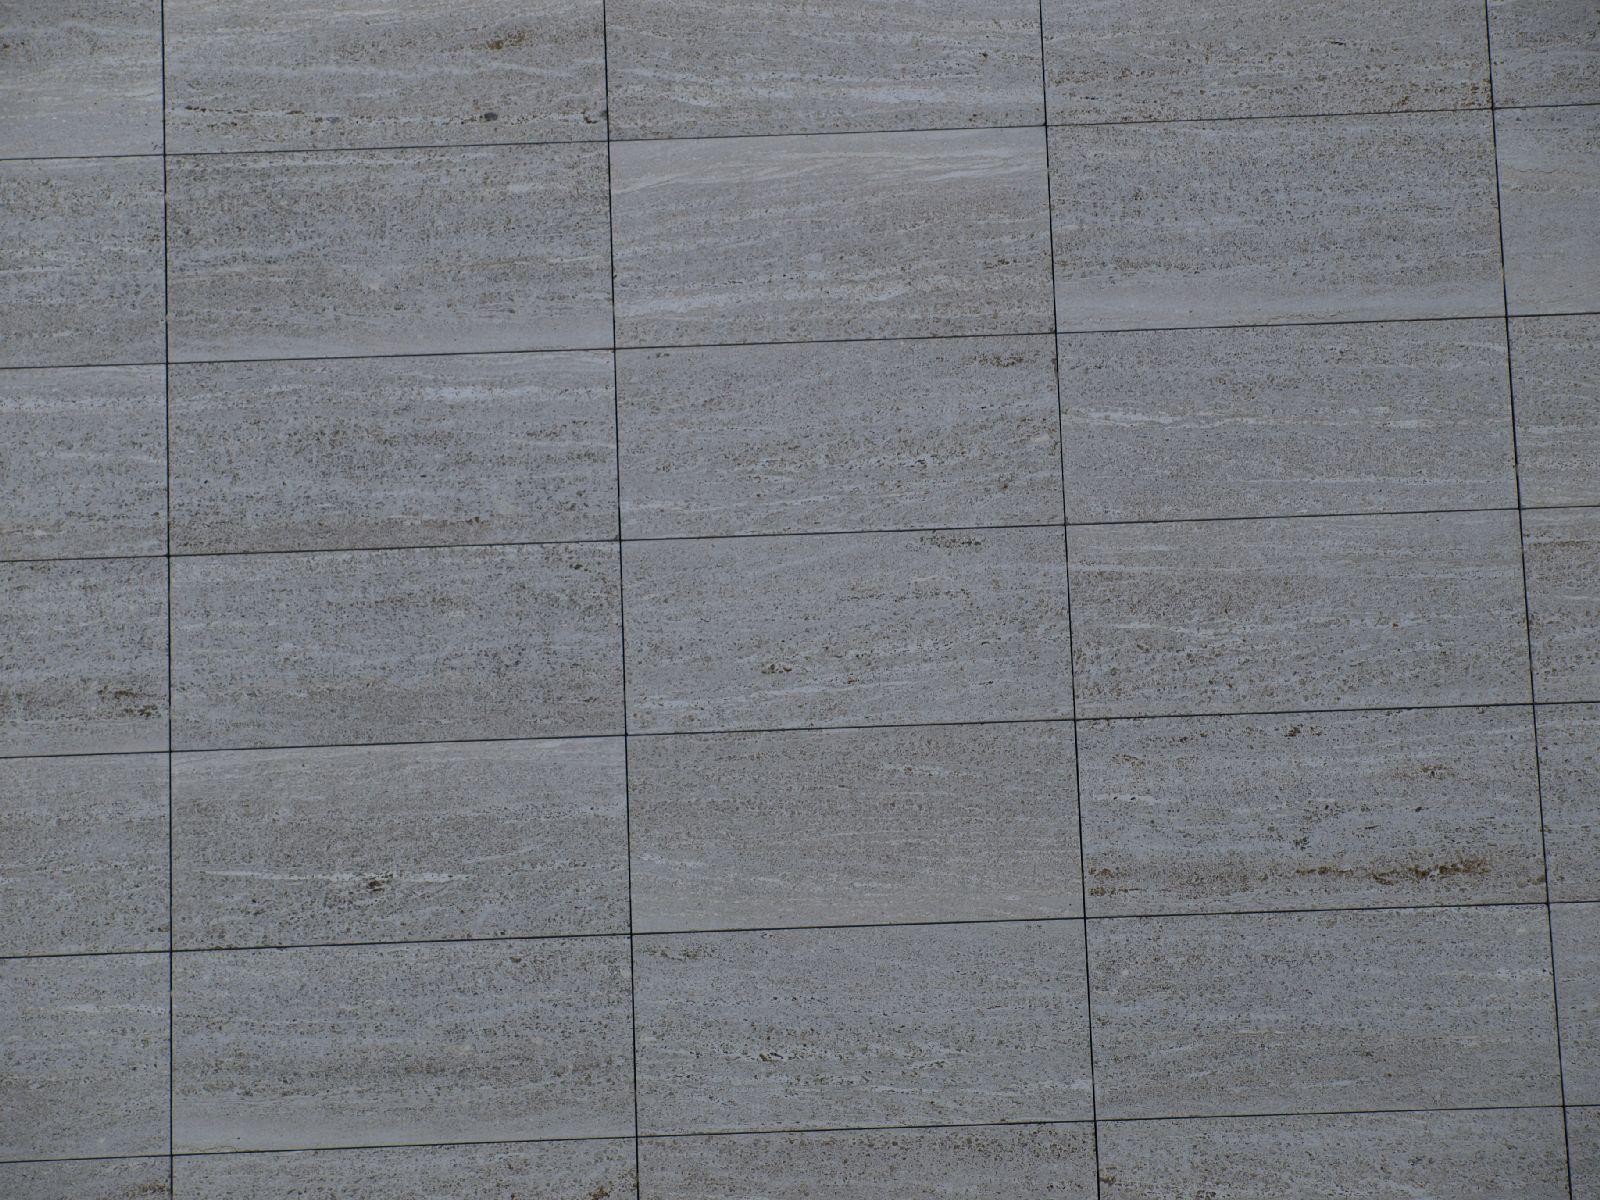 Wand-Steinbloecke-Quader_Textur_A_P6137191